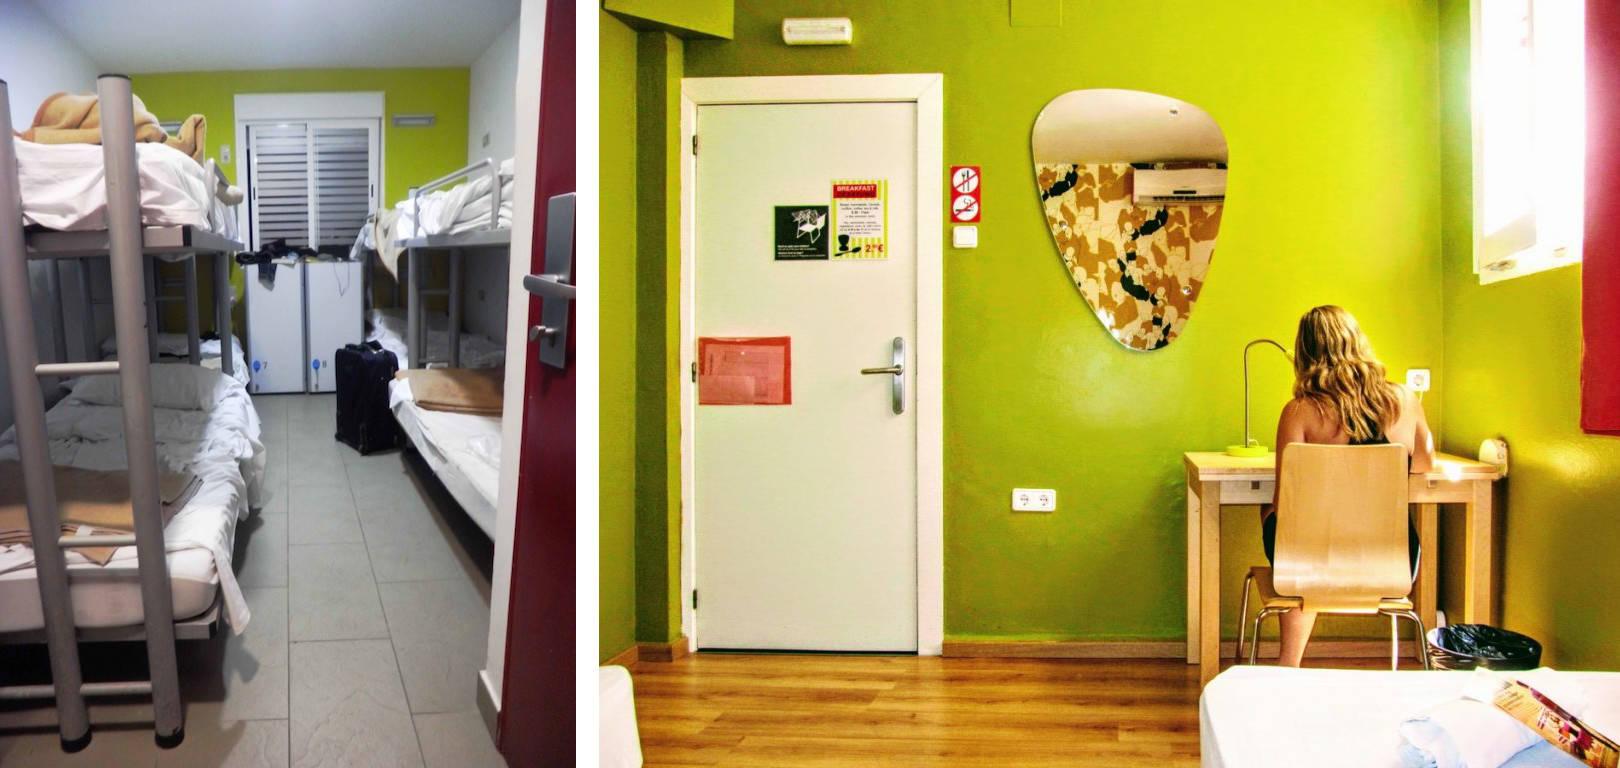 Il confronto tra ostelli: a sinistra una camera vecchio stile, a destra una camera moderna